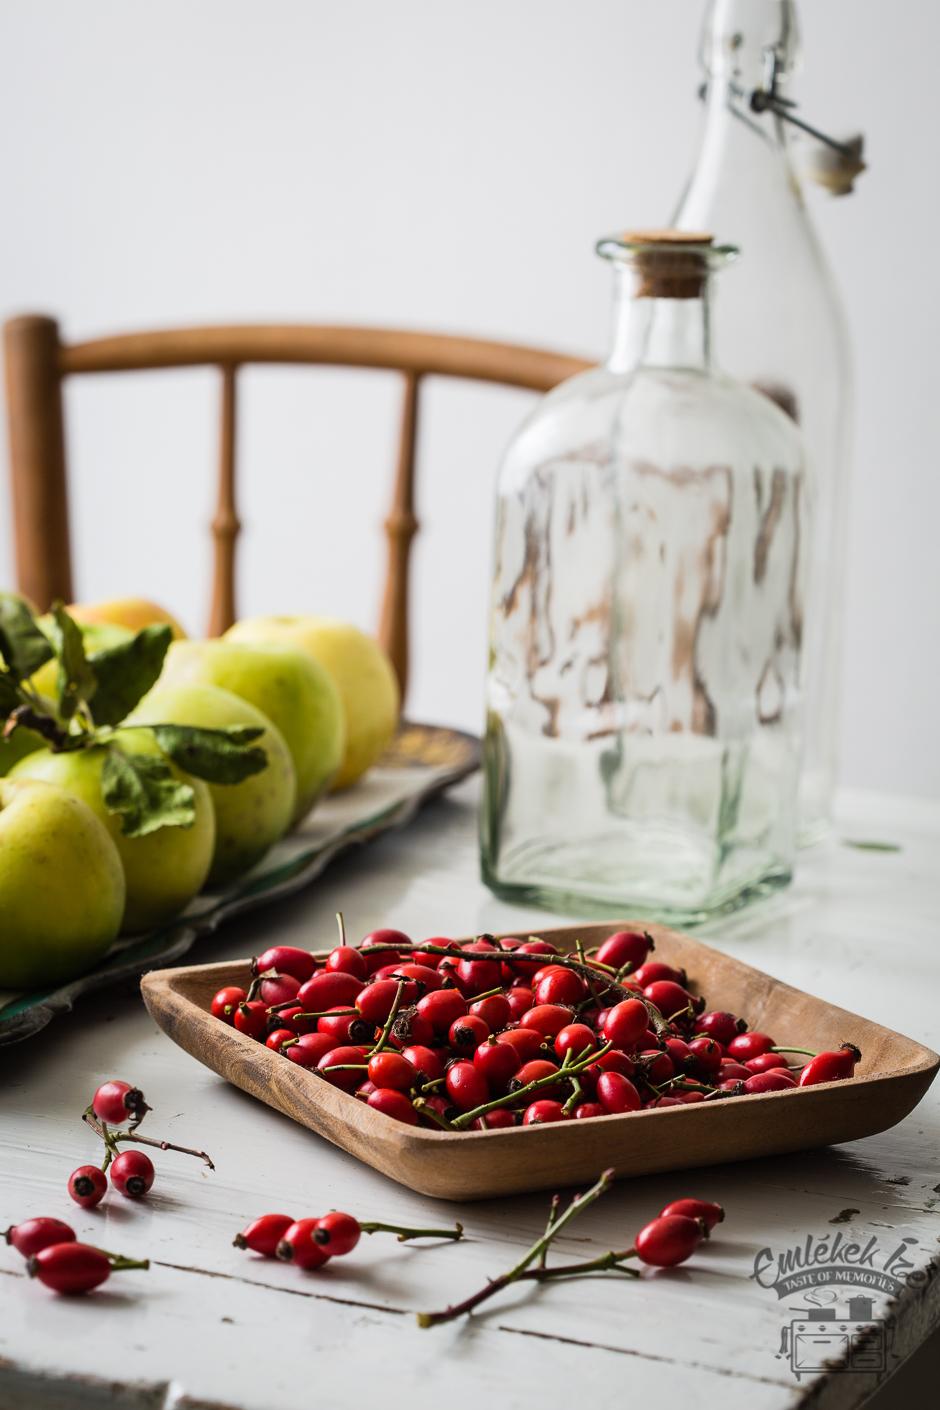 alma- és csipkebogyóbor az Emlékek Íze konyhájából www.emlekekize.hu